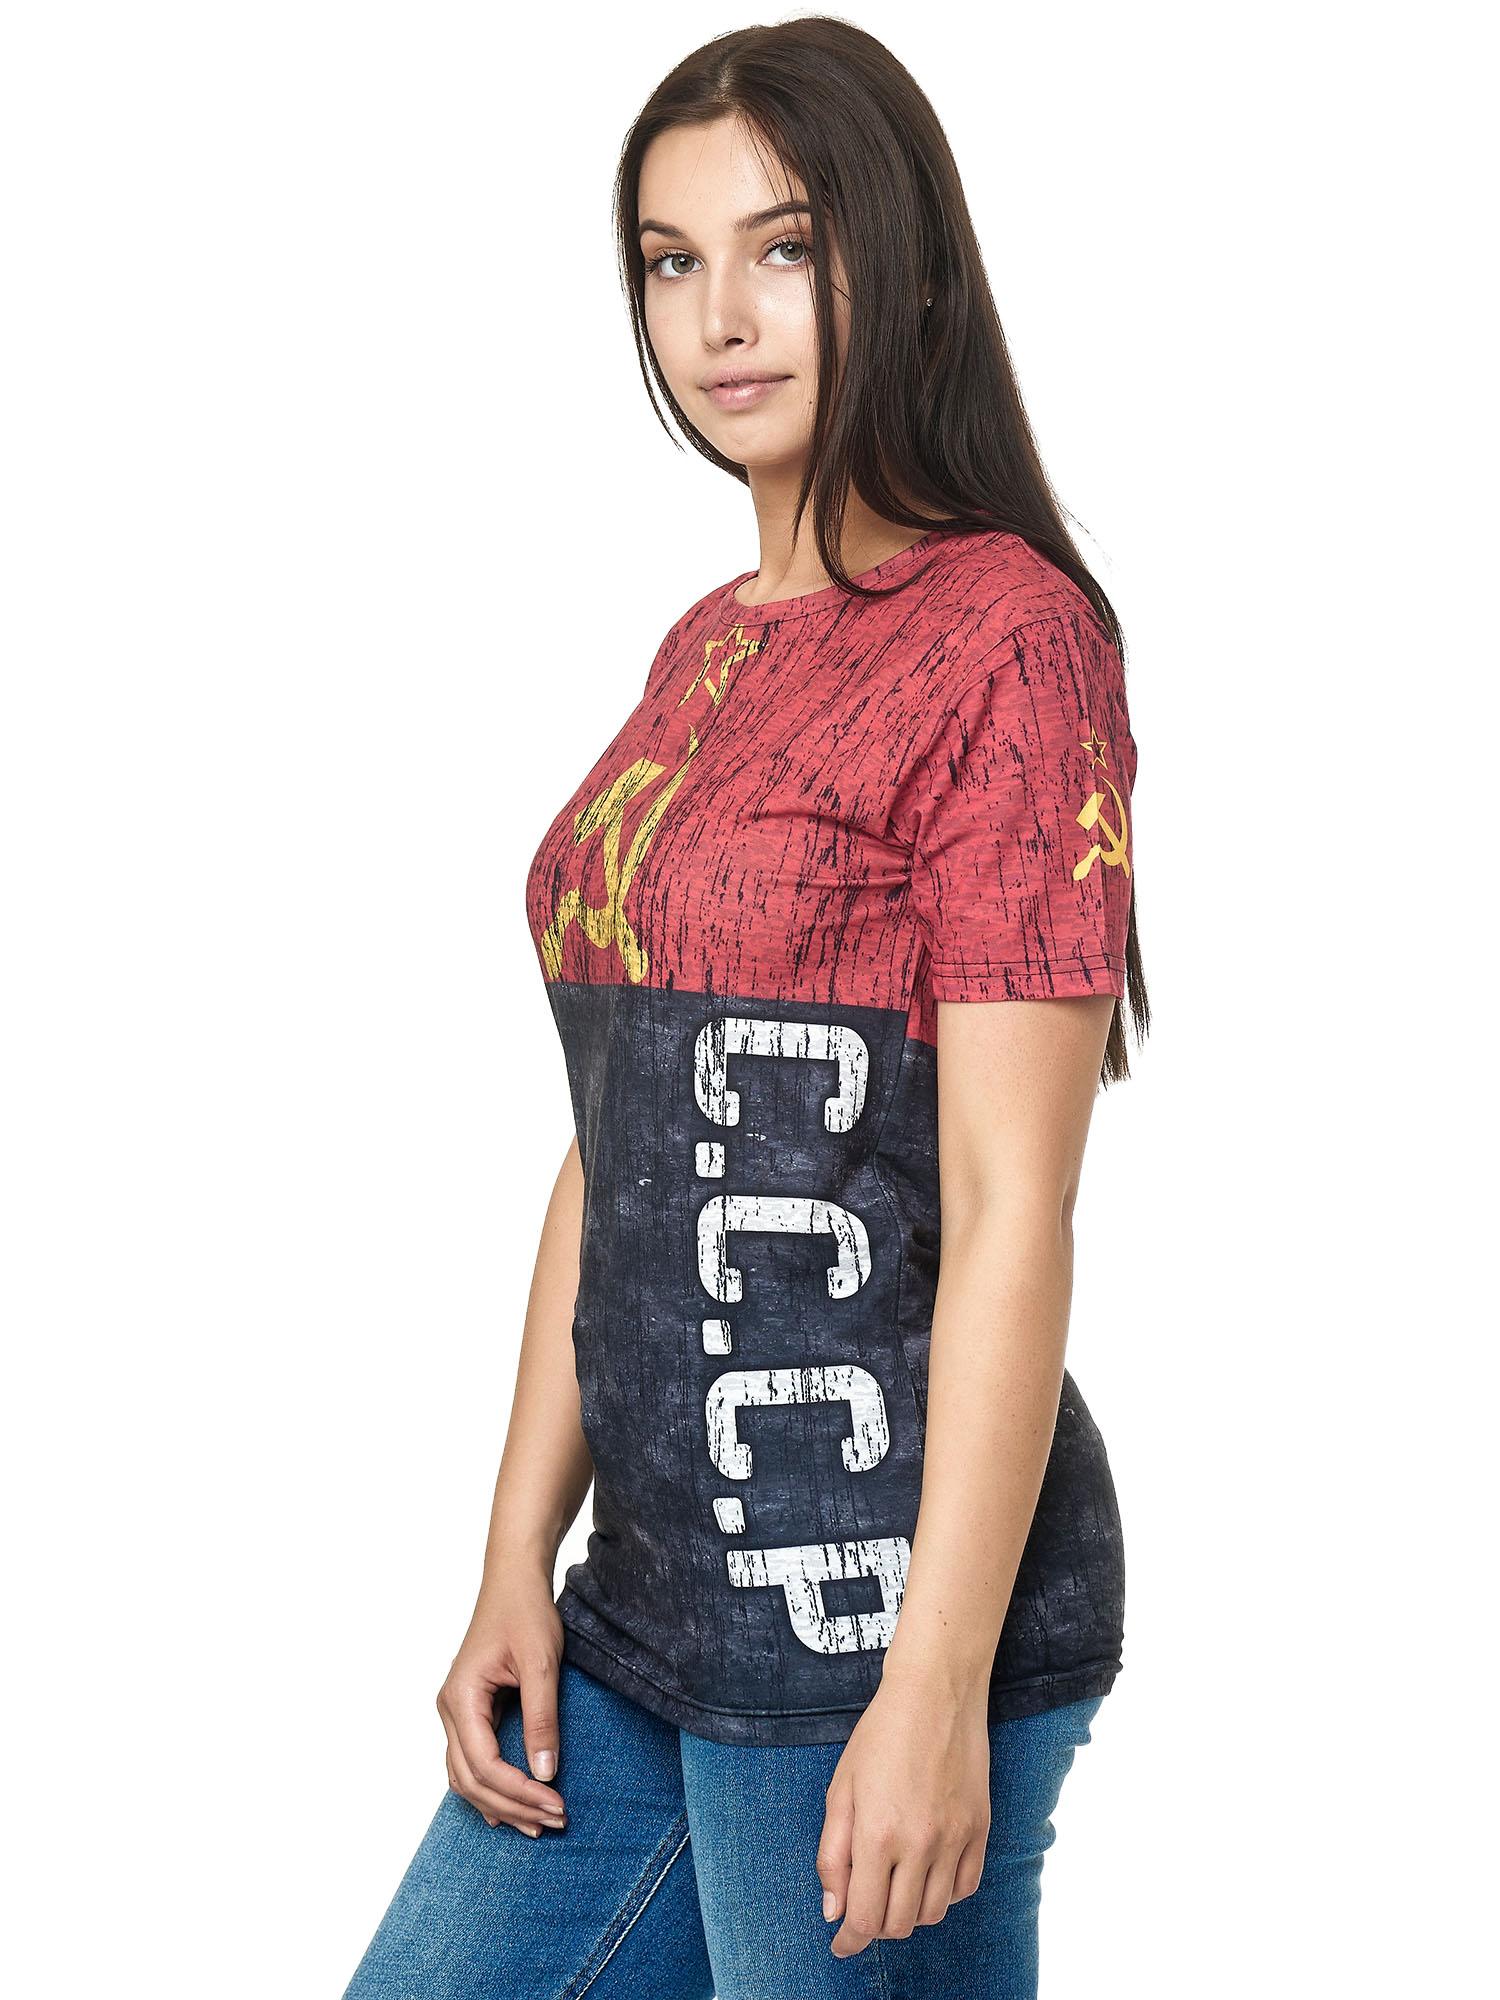 Paesi-da-Donna-T-shirt-A-Maniche-Corte-Girocollo-donne-CALCIO-Fanshirt-John-Kayna miniatura 18